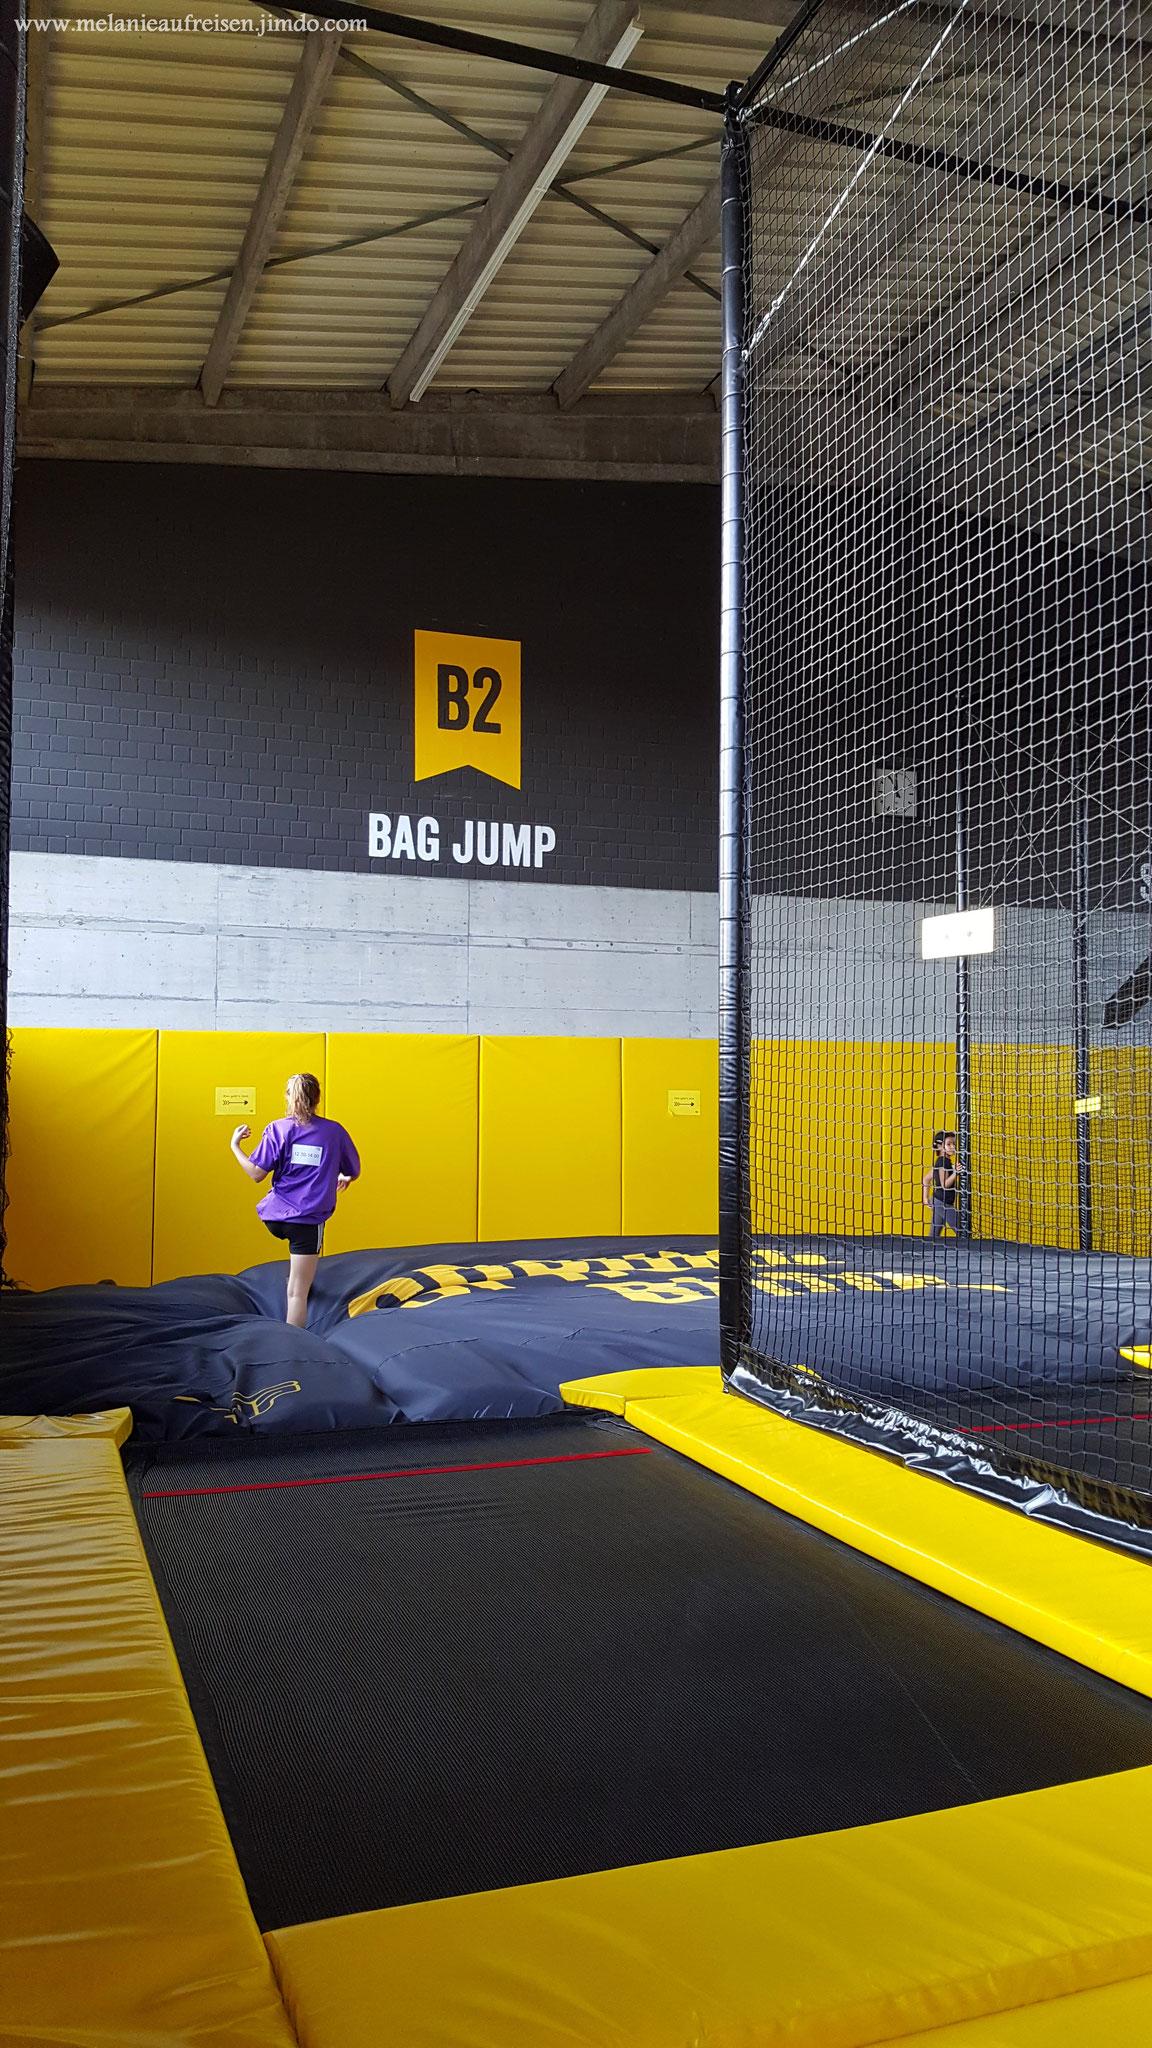 Bag Jump